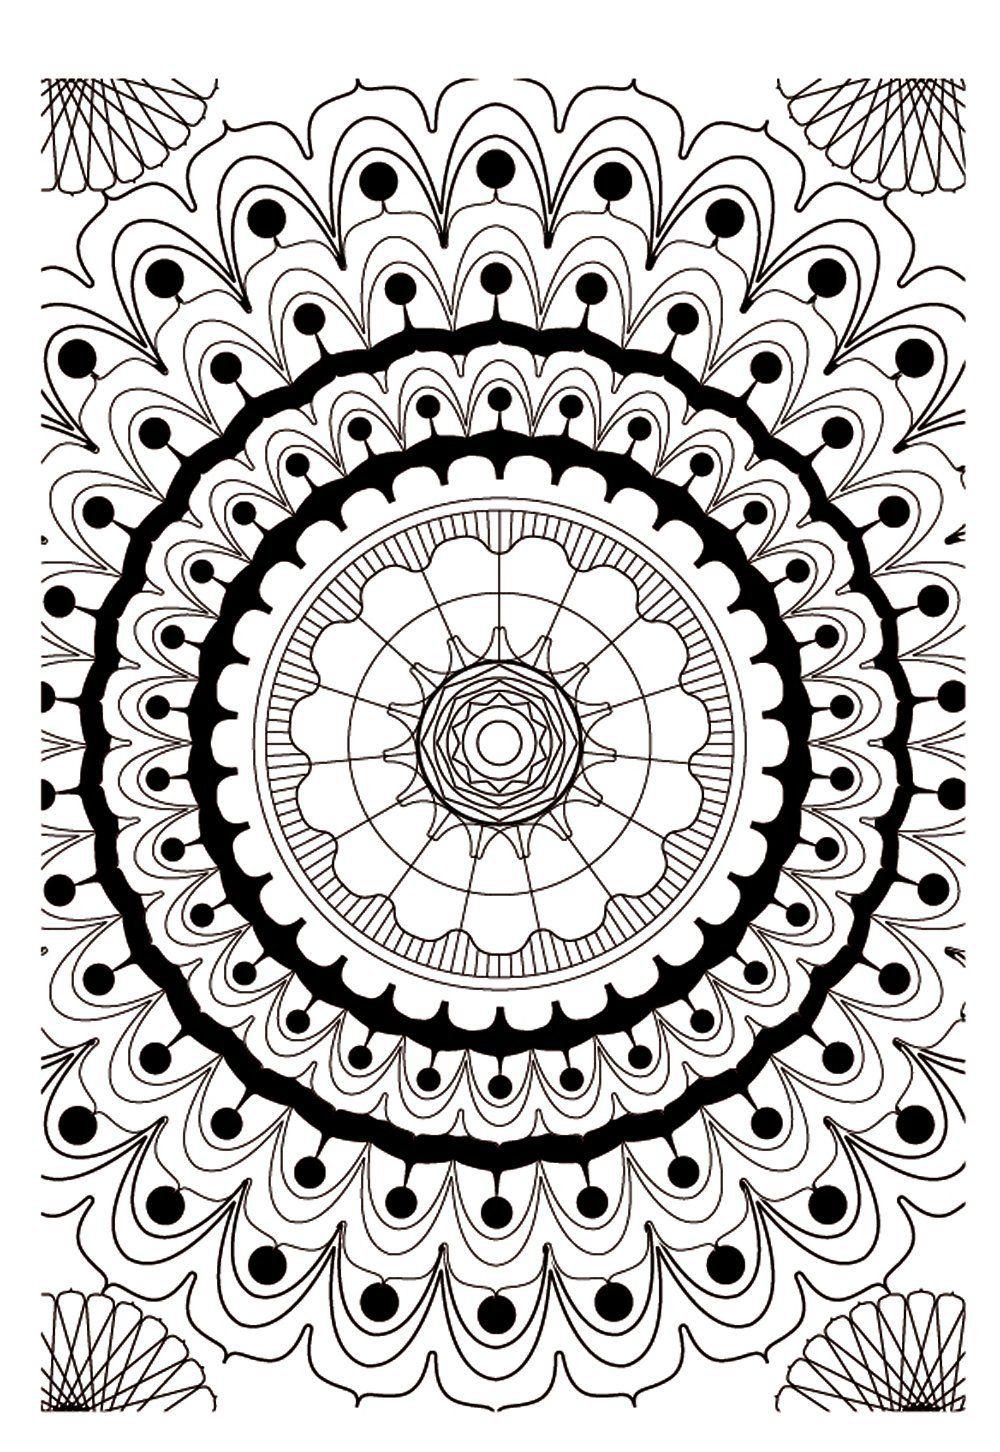 Pour imprimer ce coloriage gratuit «coloriage-mandala-adulte-2 ...